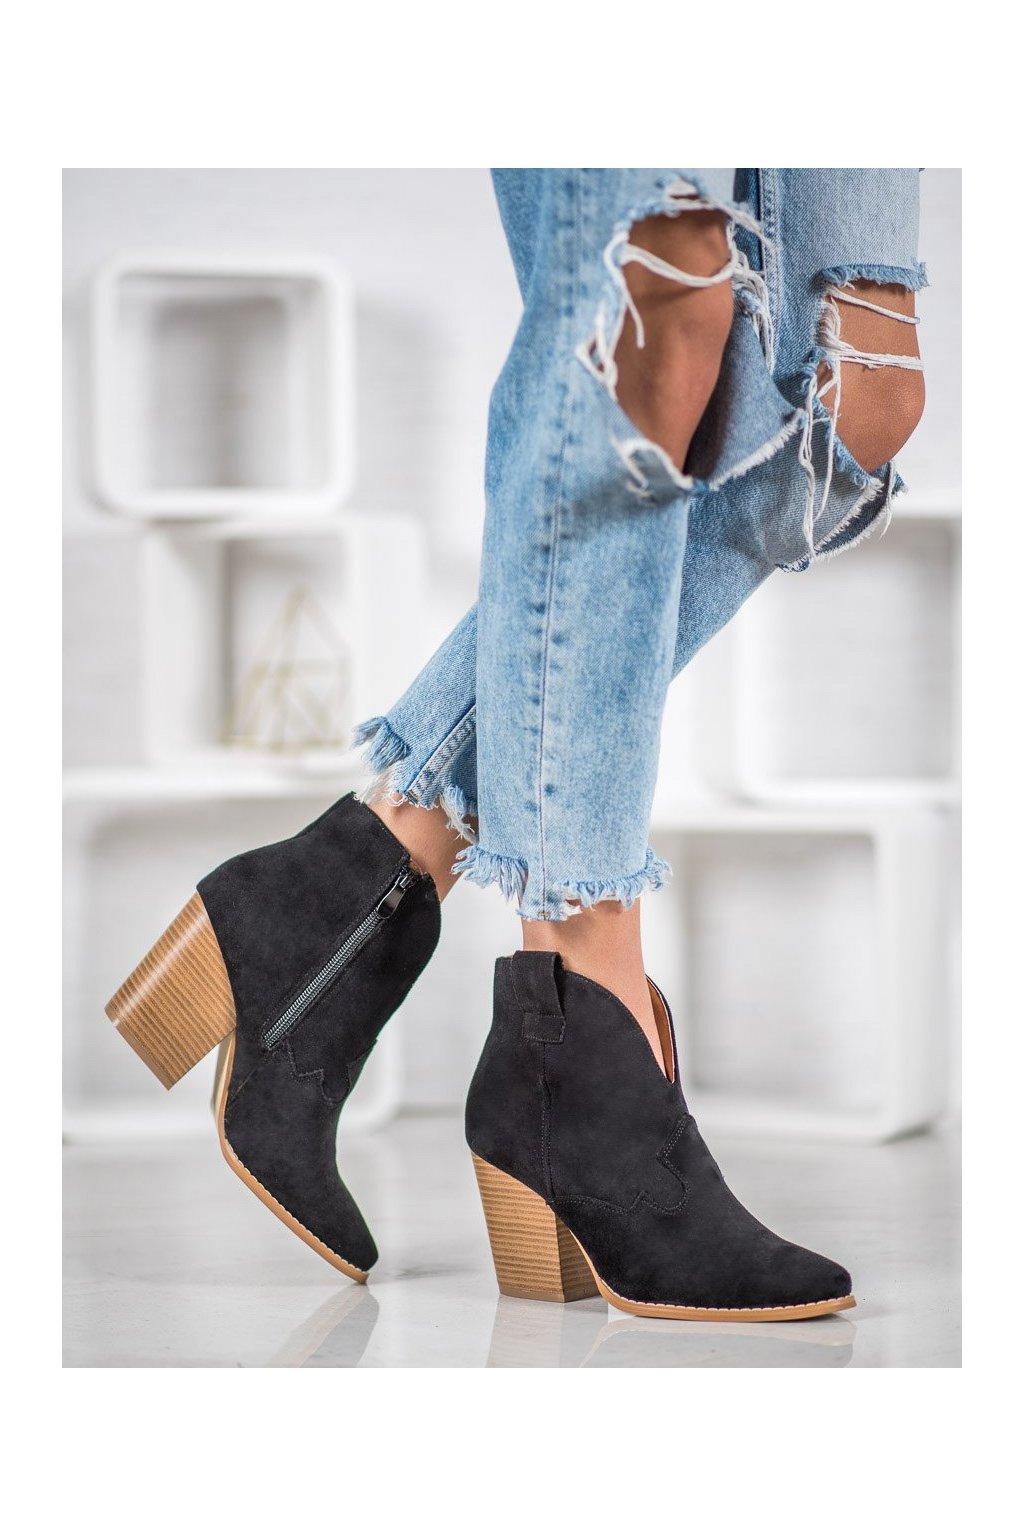 Čierne dámske topánky Bella paris kod A5607B